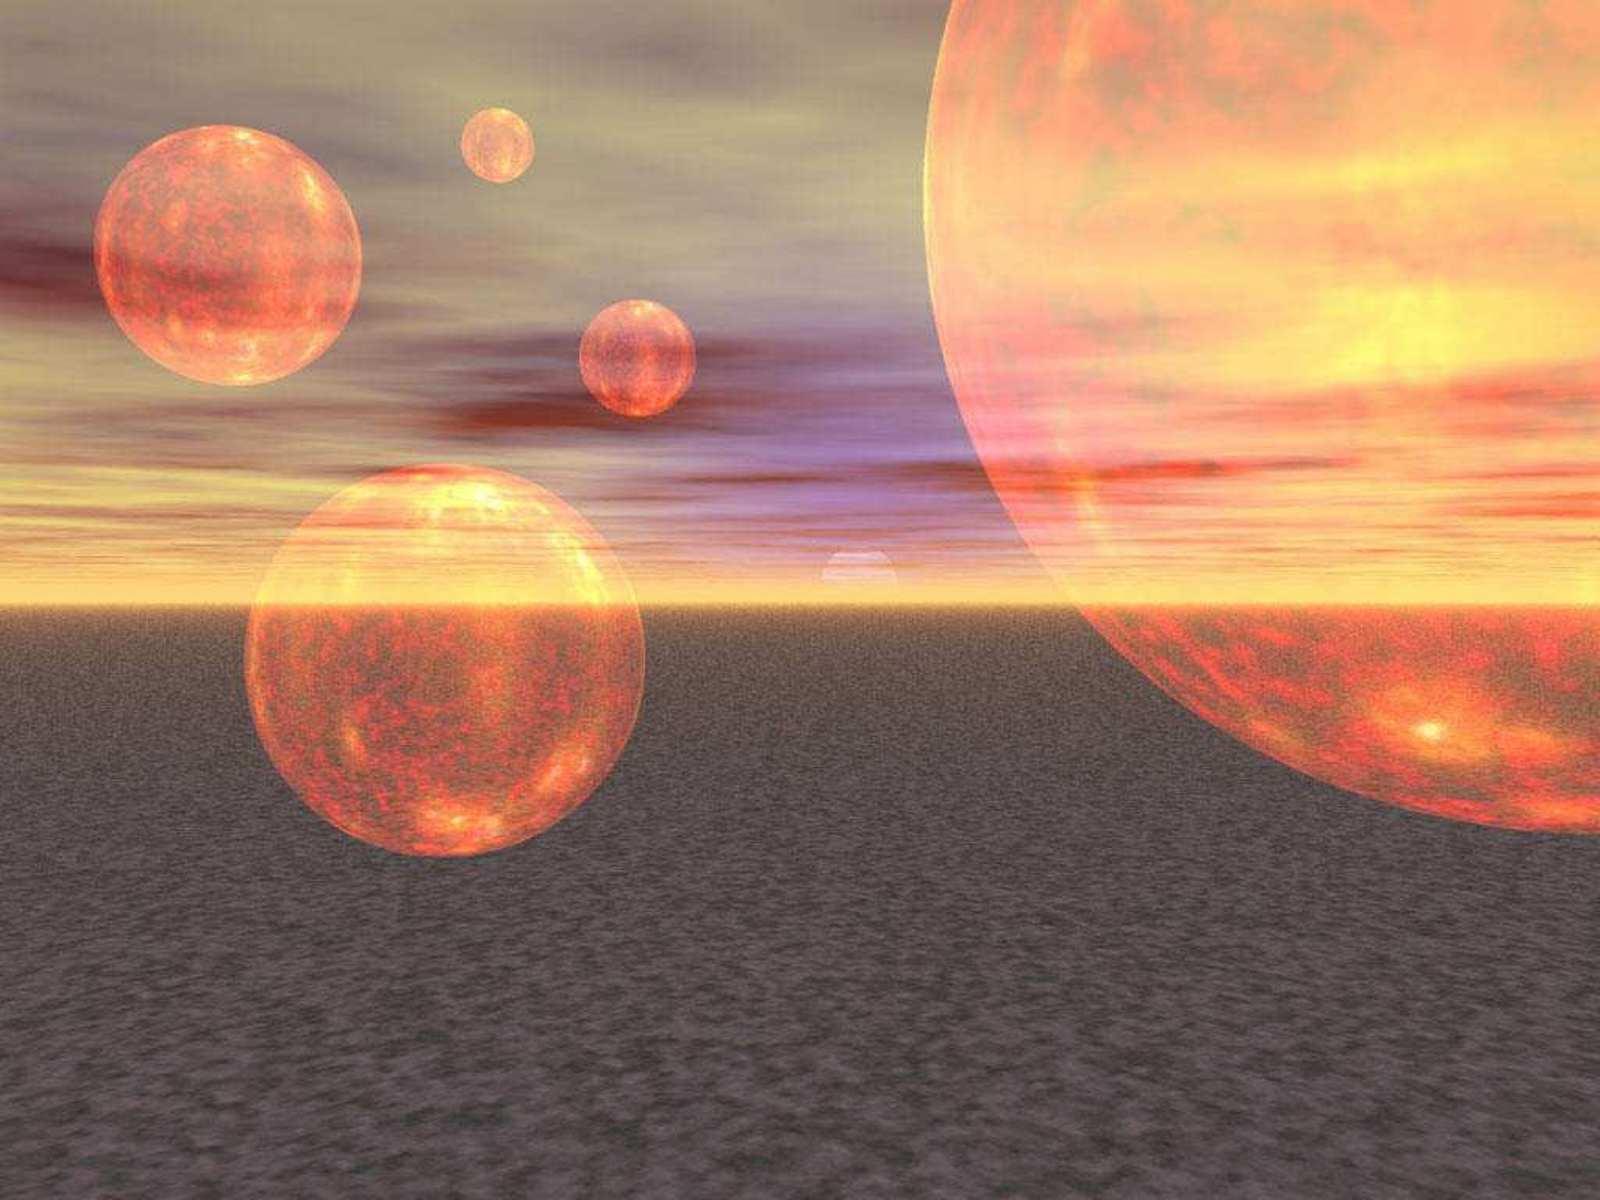 http://2.bp.blogspot.com/-wKnhUi9B6Jg/Tc2jpwX9UTI/AAAAAAAAAQ4/tm7KwRtzfZY/s1600/wallpaper_3D044.jpg